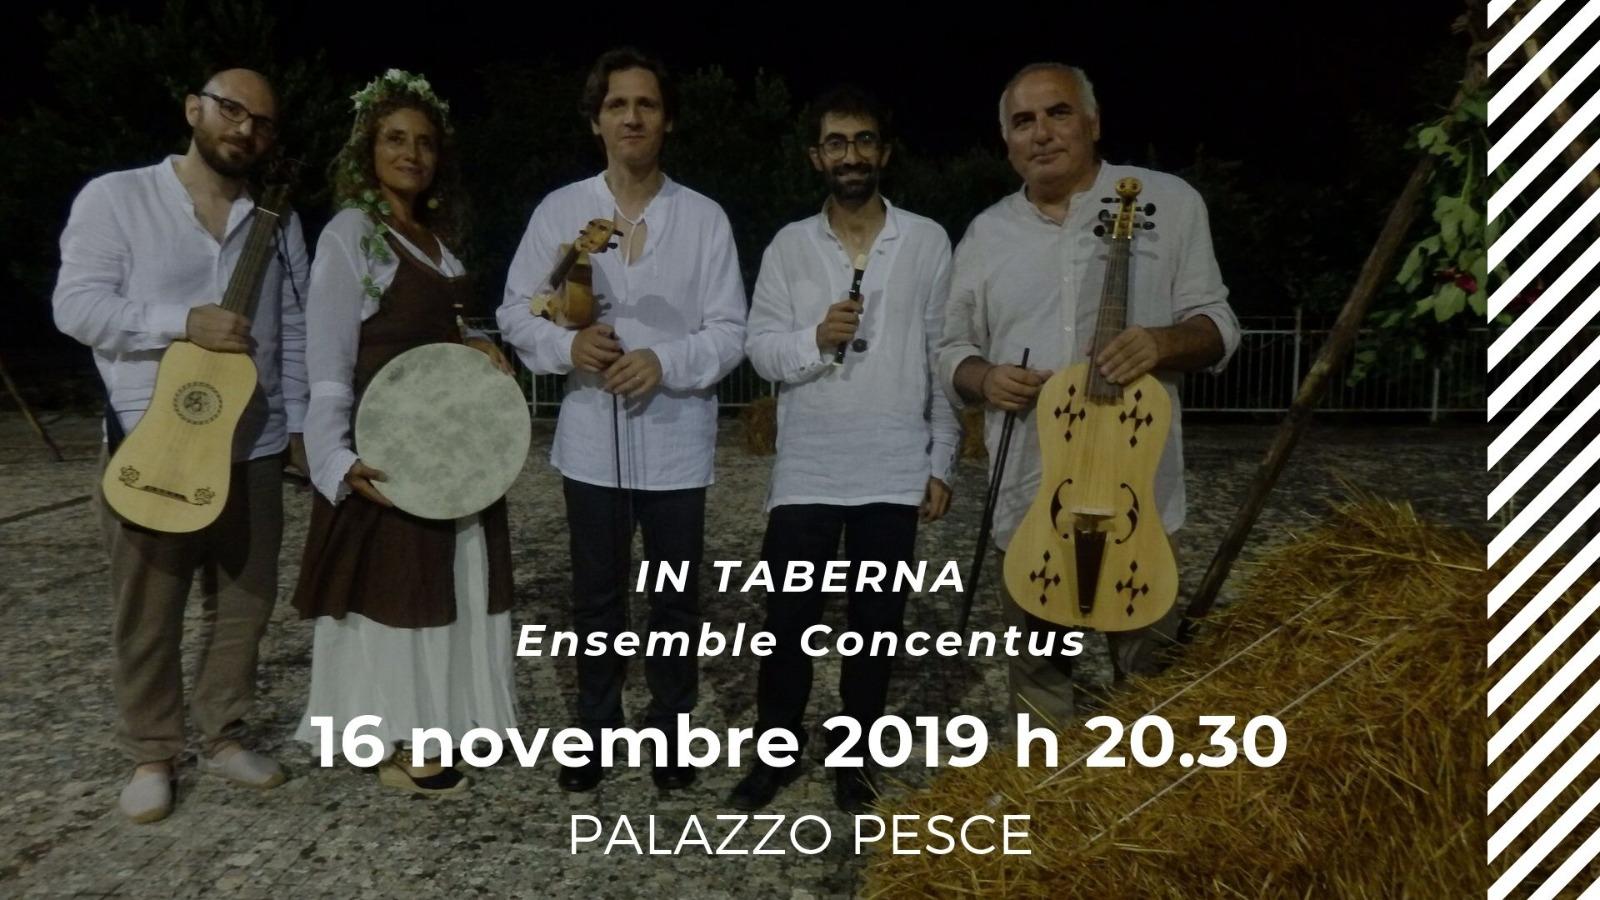 16 novembre 2019 In Taberna musica rinascimentale a Palazzo Pesce